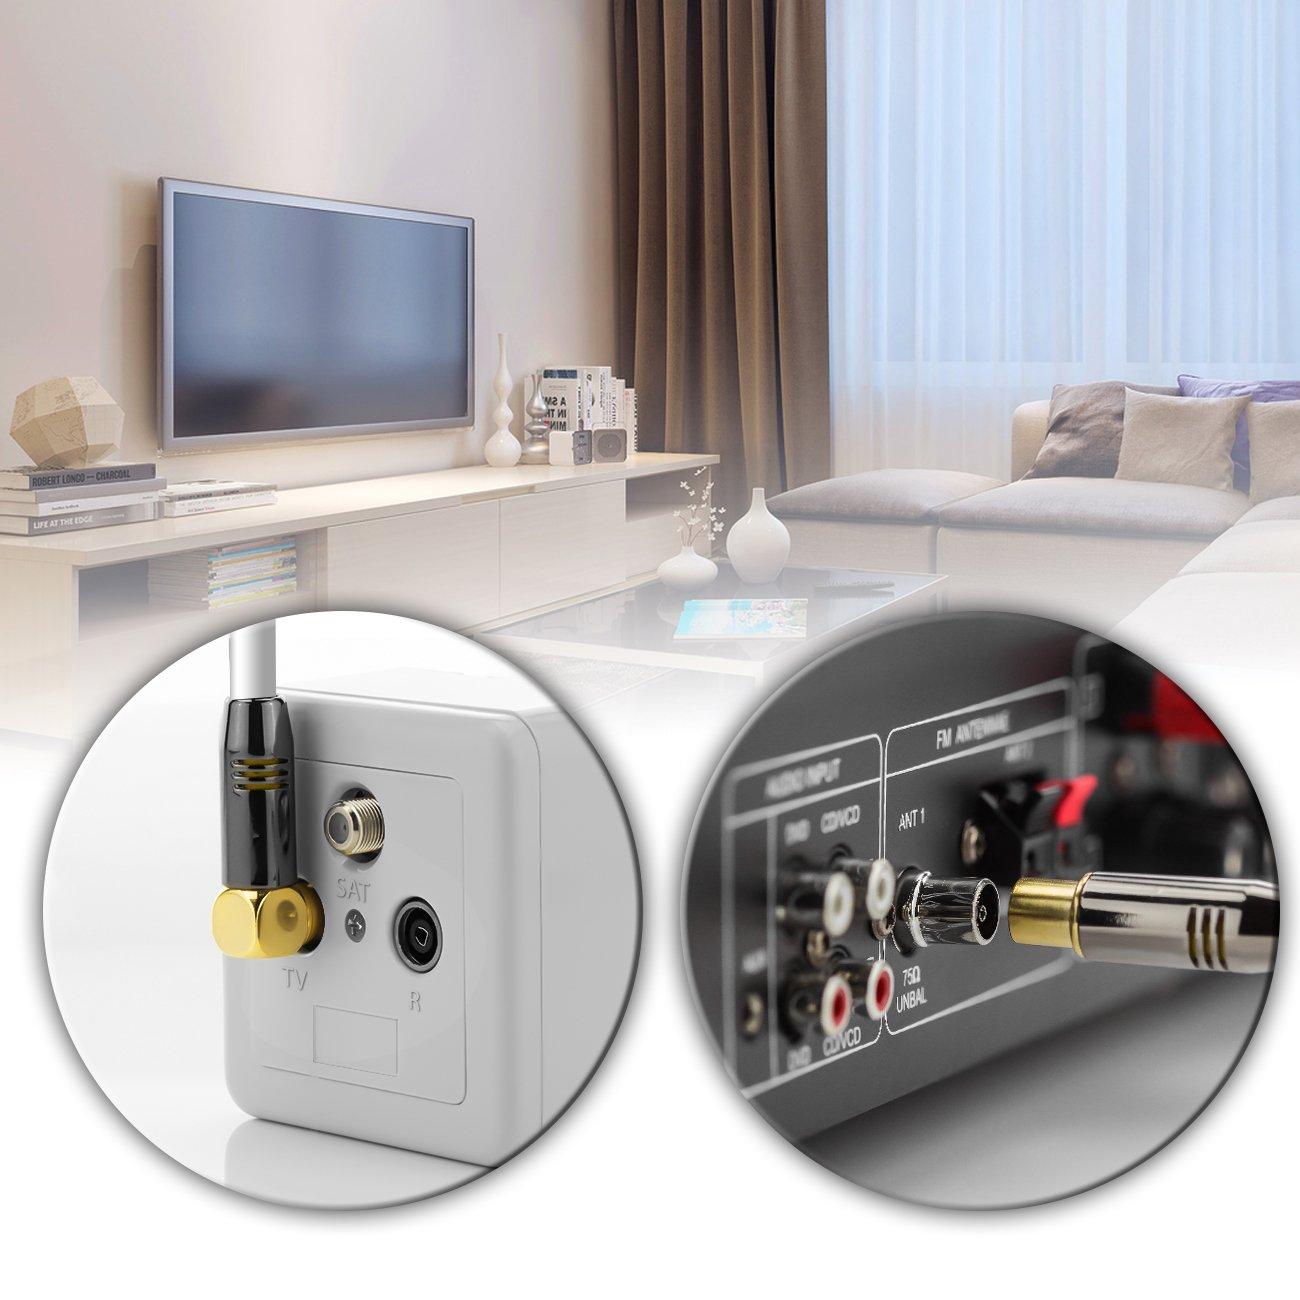 4K deleyCON c/âble dantenne TV 2m c/âble coaxial Prise dantenne blanc coud/é /à 90/°//lin/éaire FullHD UltraHD HDTV connecteur m/étallique